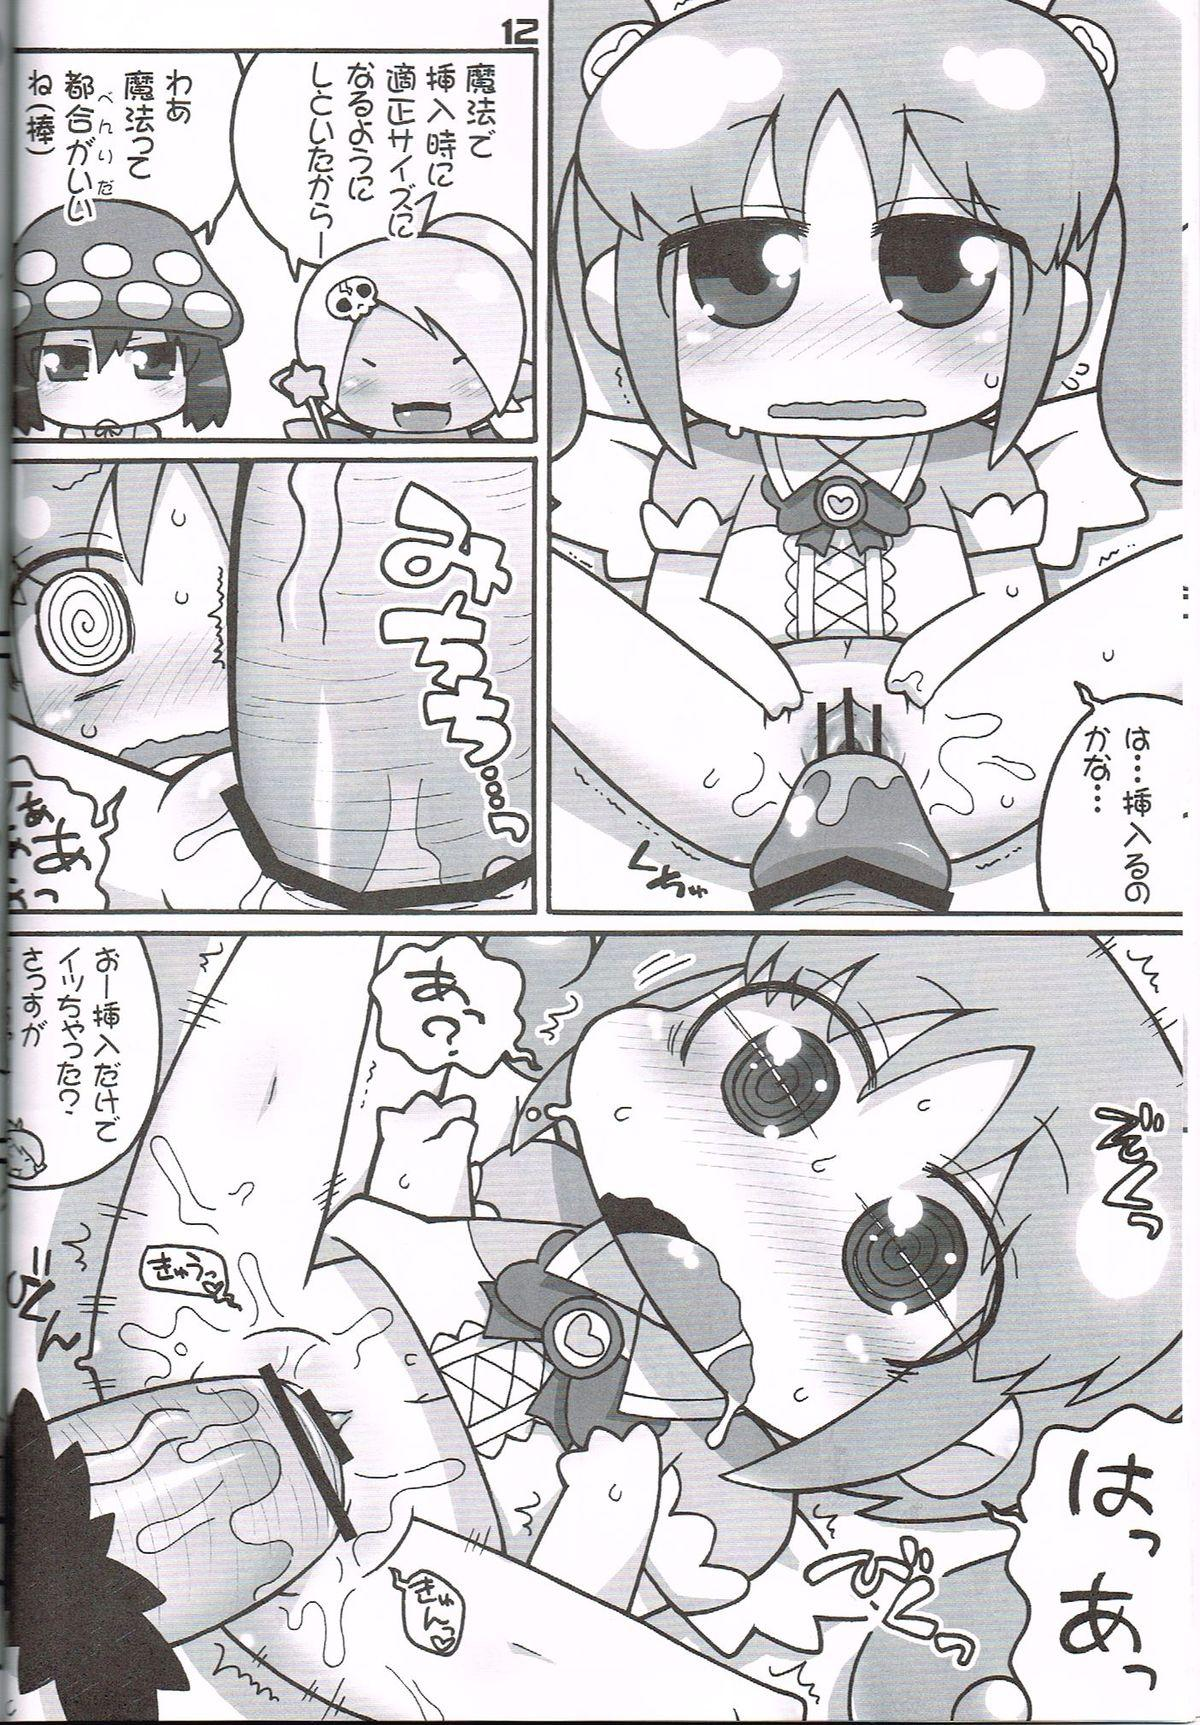 """Hatashite Konofuyu Nansatsu no Doujinshi ga """"○○ Fairies"""" Toiu Title Darouka 10"""